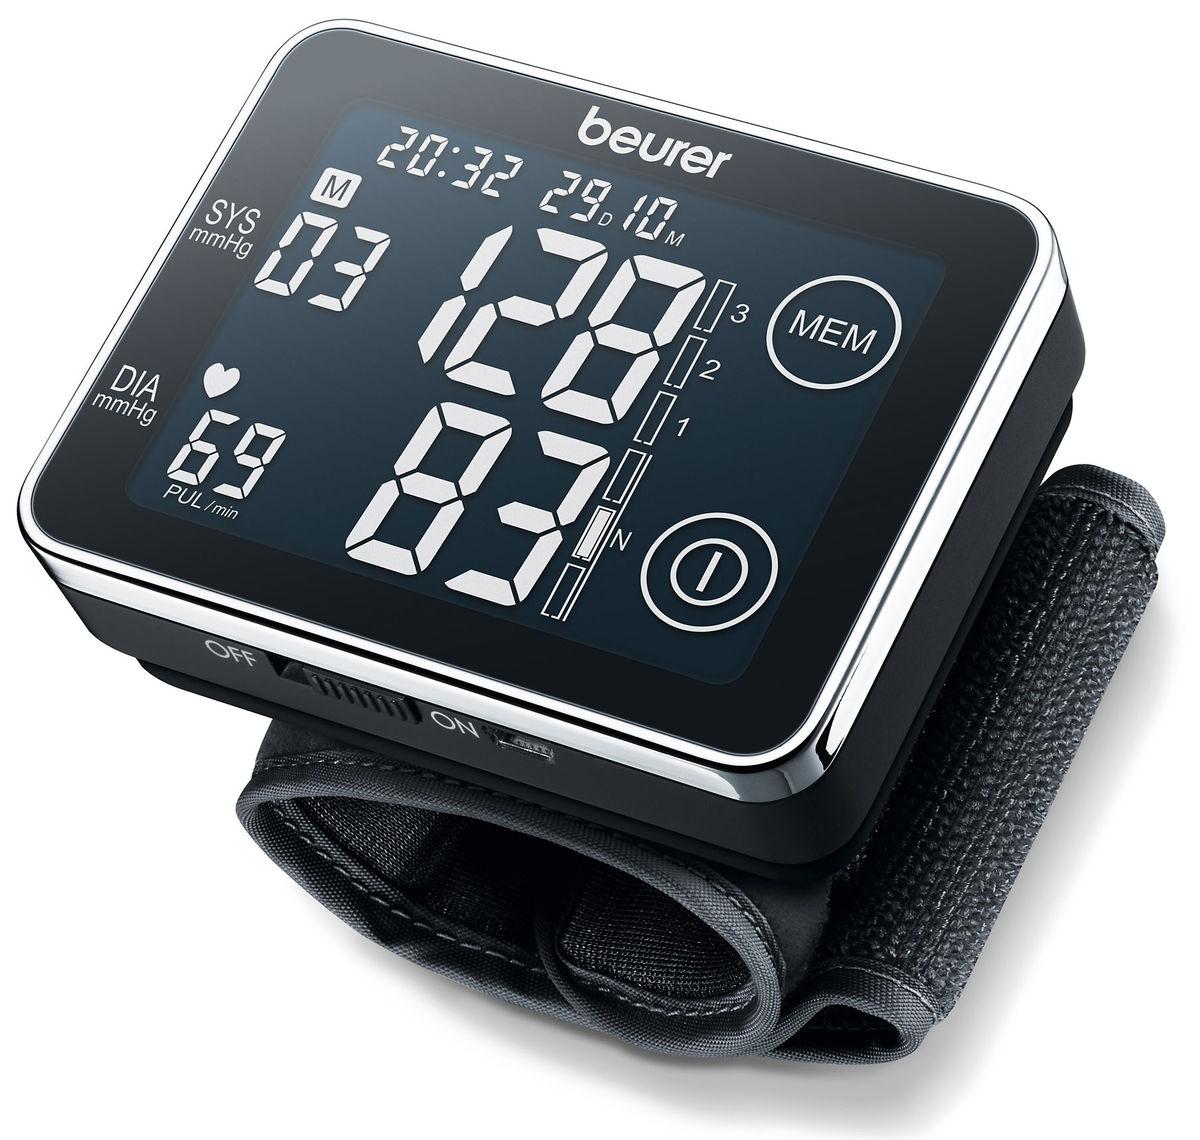 Image of Beurer Touchscreen BC58 Blutdruckmessgerät